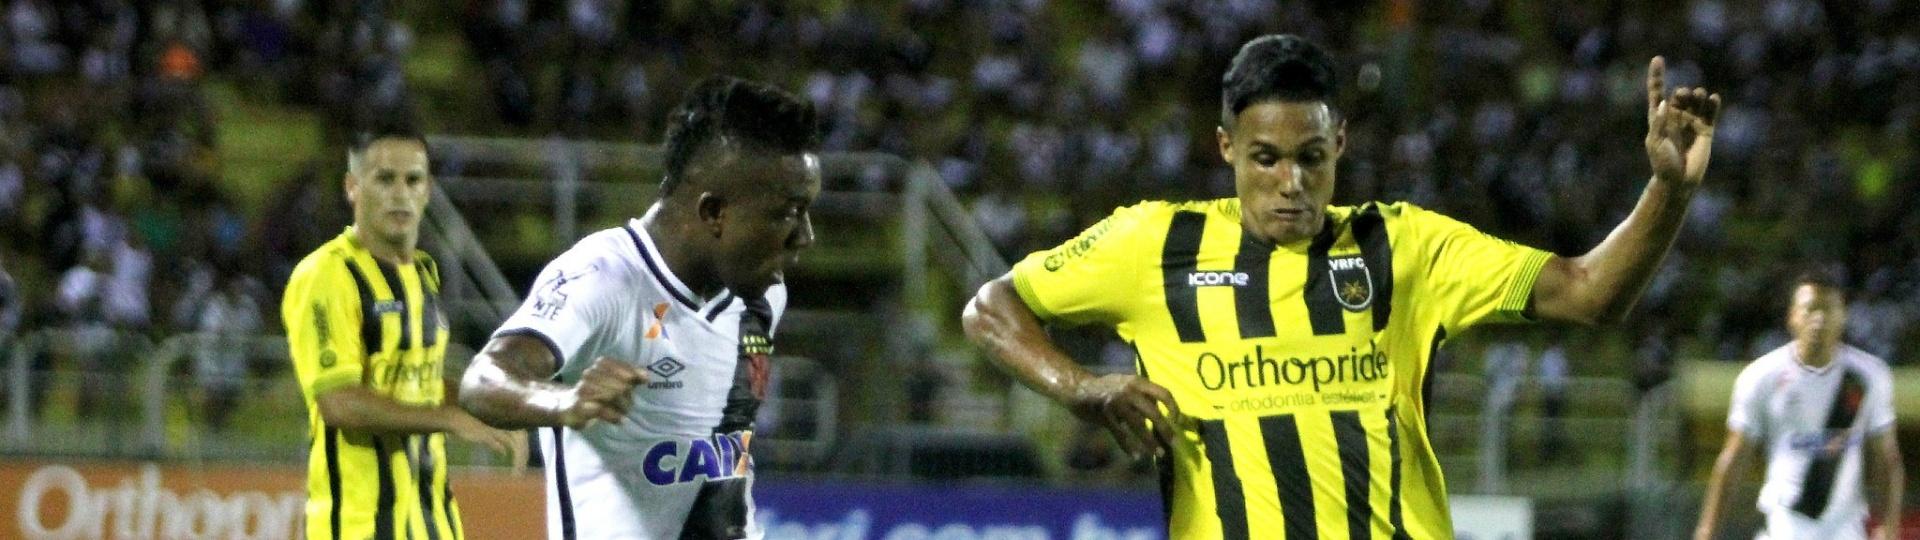 Jogadores de Vasco e Volta Redonda dividem bola em jogo do Campeonato Carioca